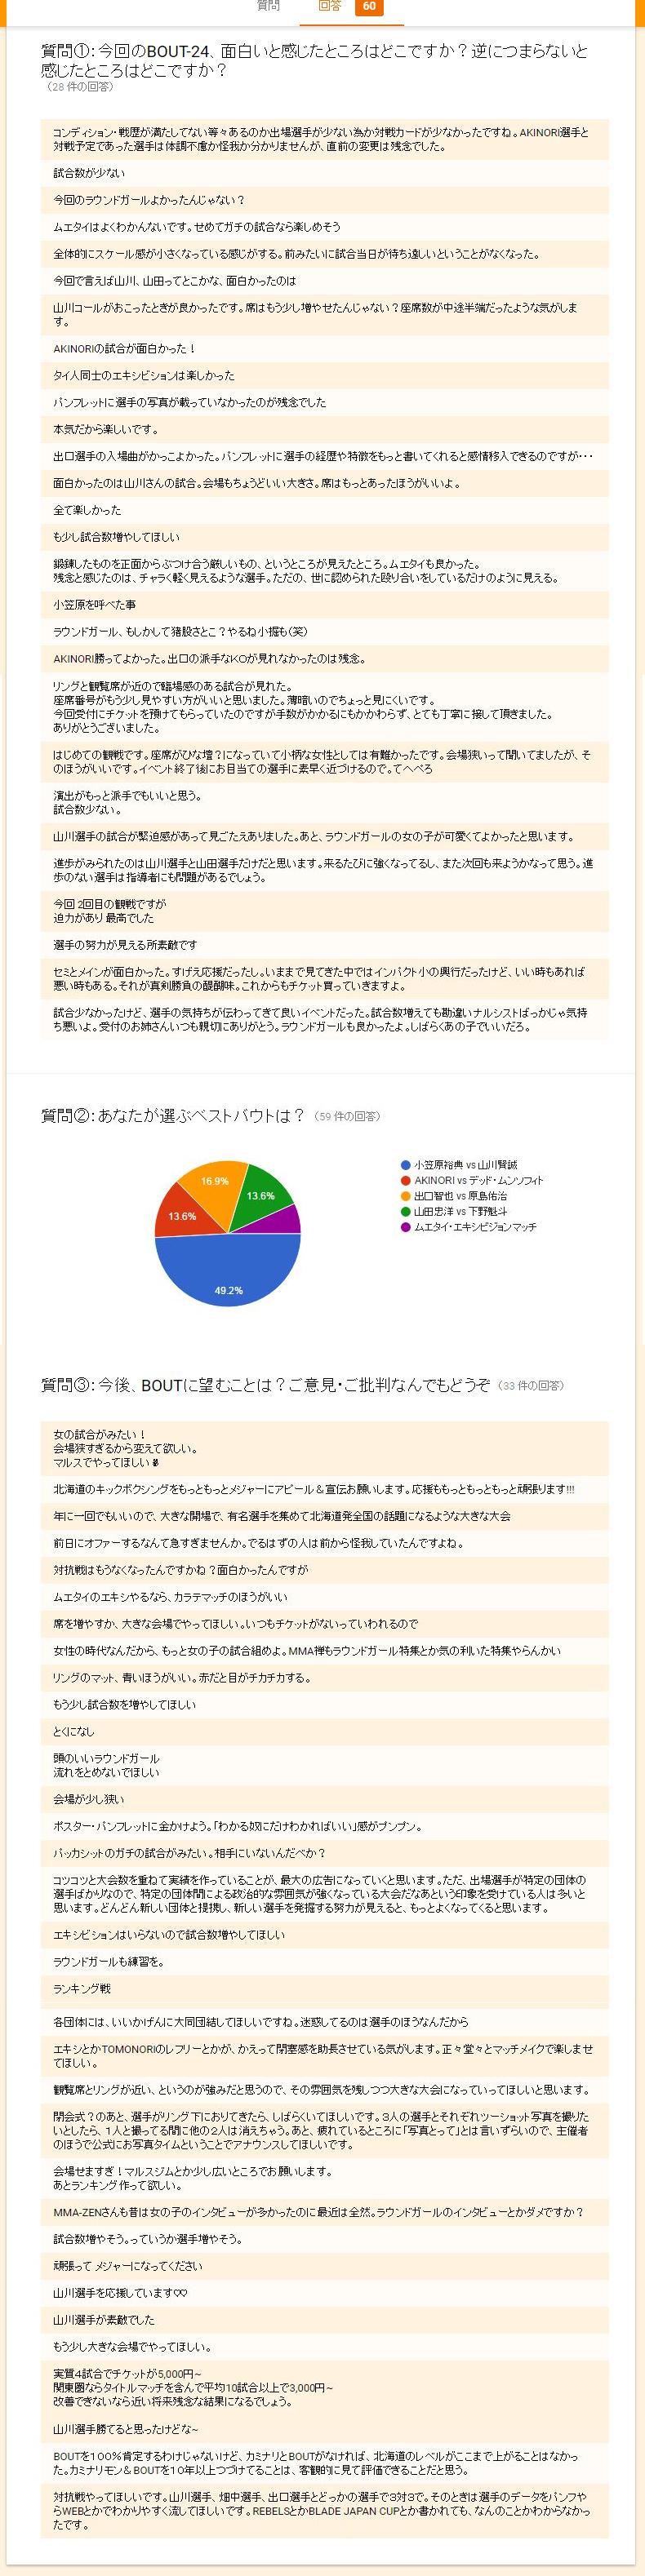 questionnaire_2016_9_4